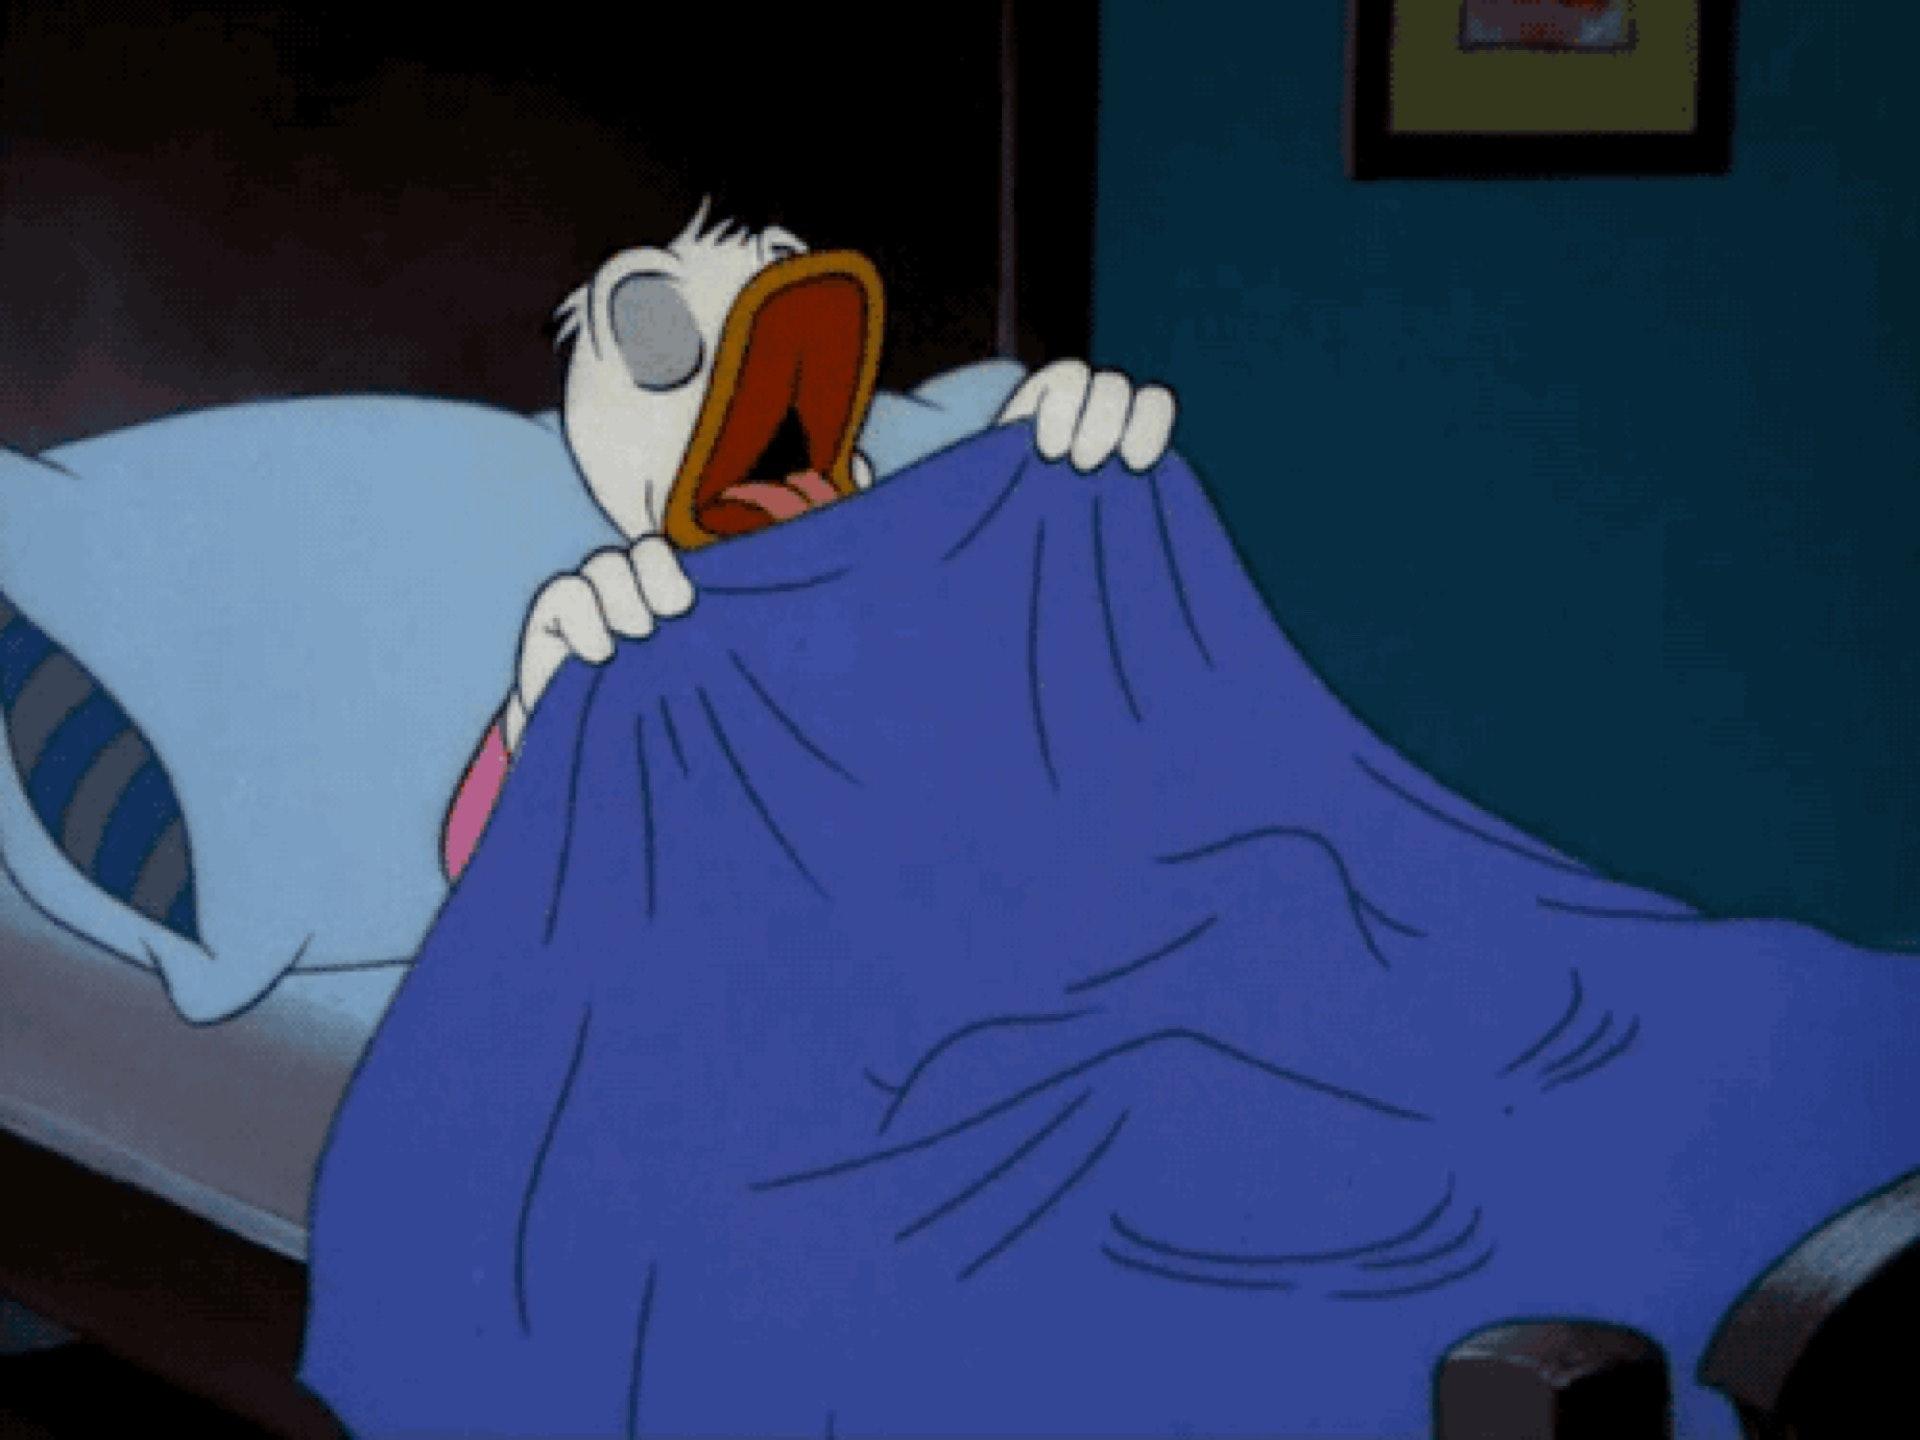 Картинки сон смешные анимации, открыткой днем